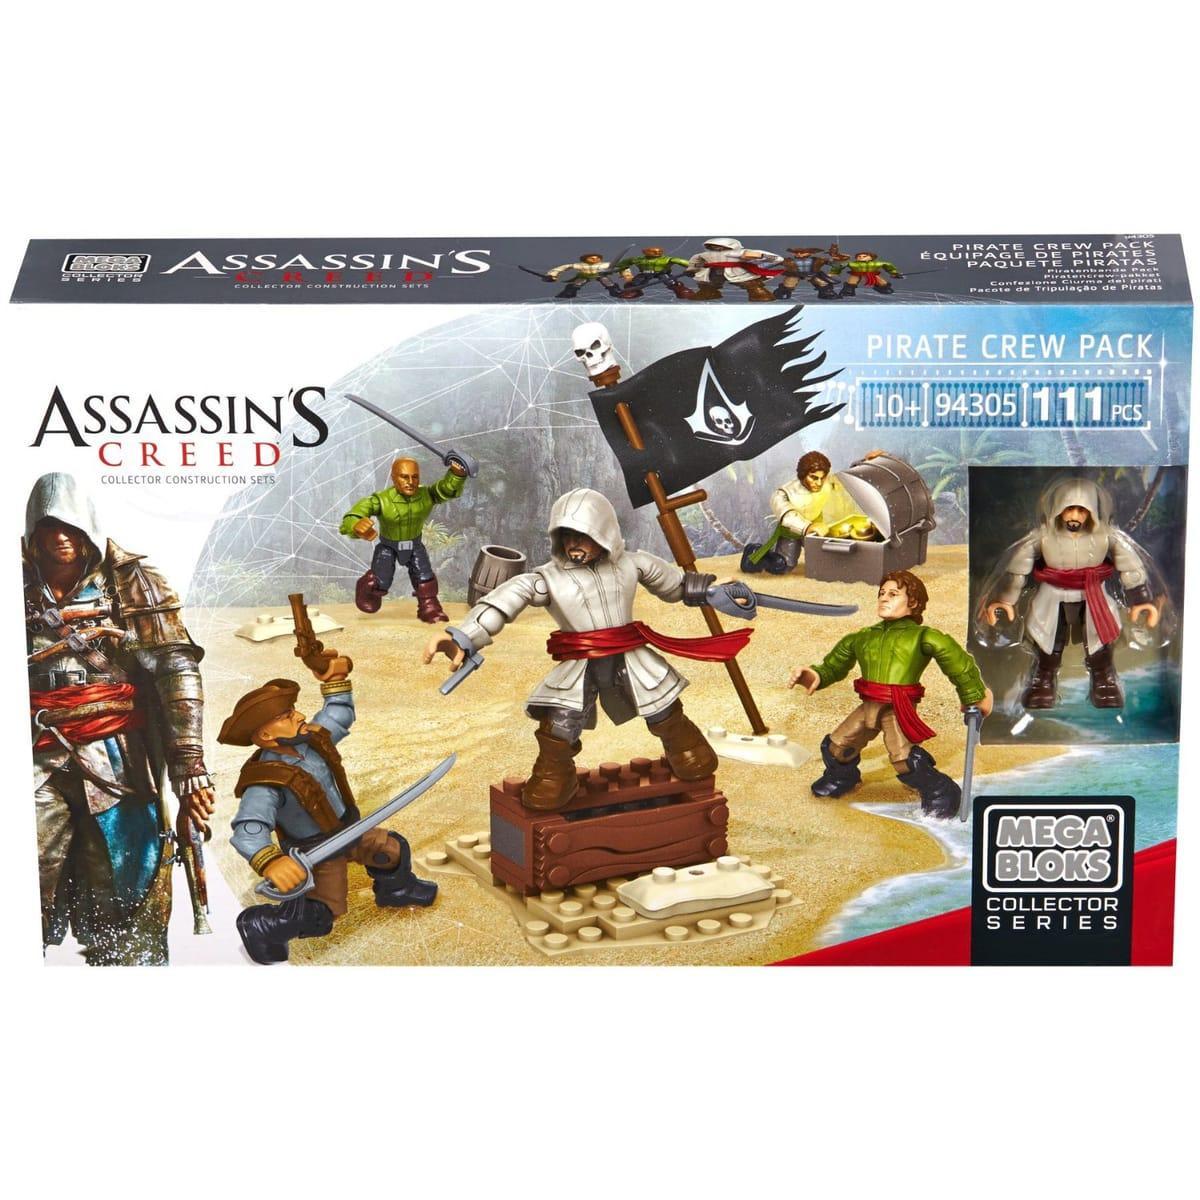 Jusqu'à 70% de réduction sur une sélection de jouets - Ex: Assassin's Creed Pack de la Révolution Française Megablock